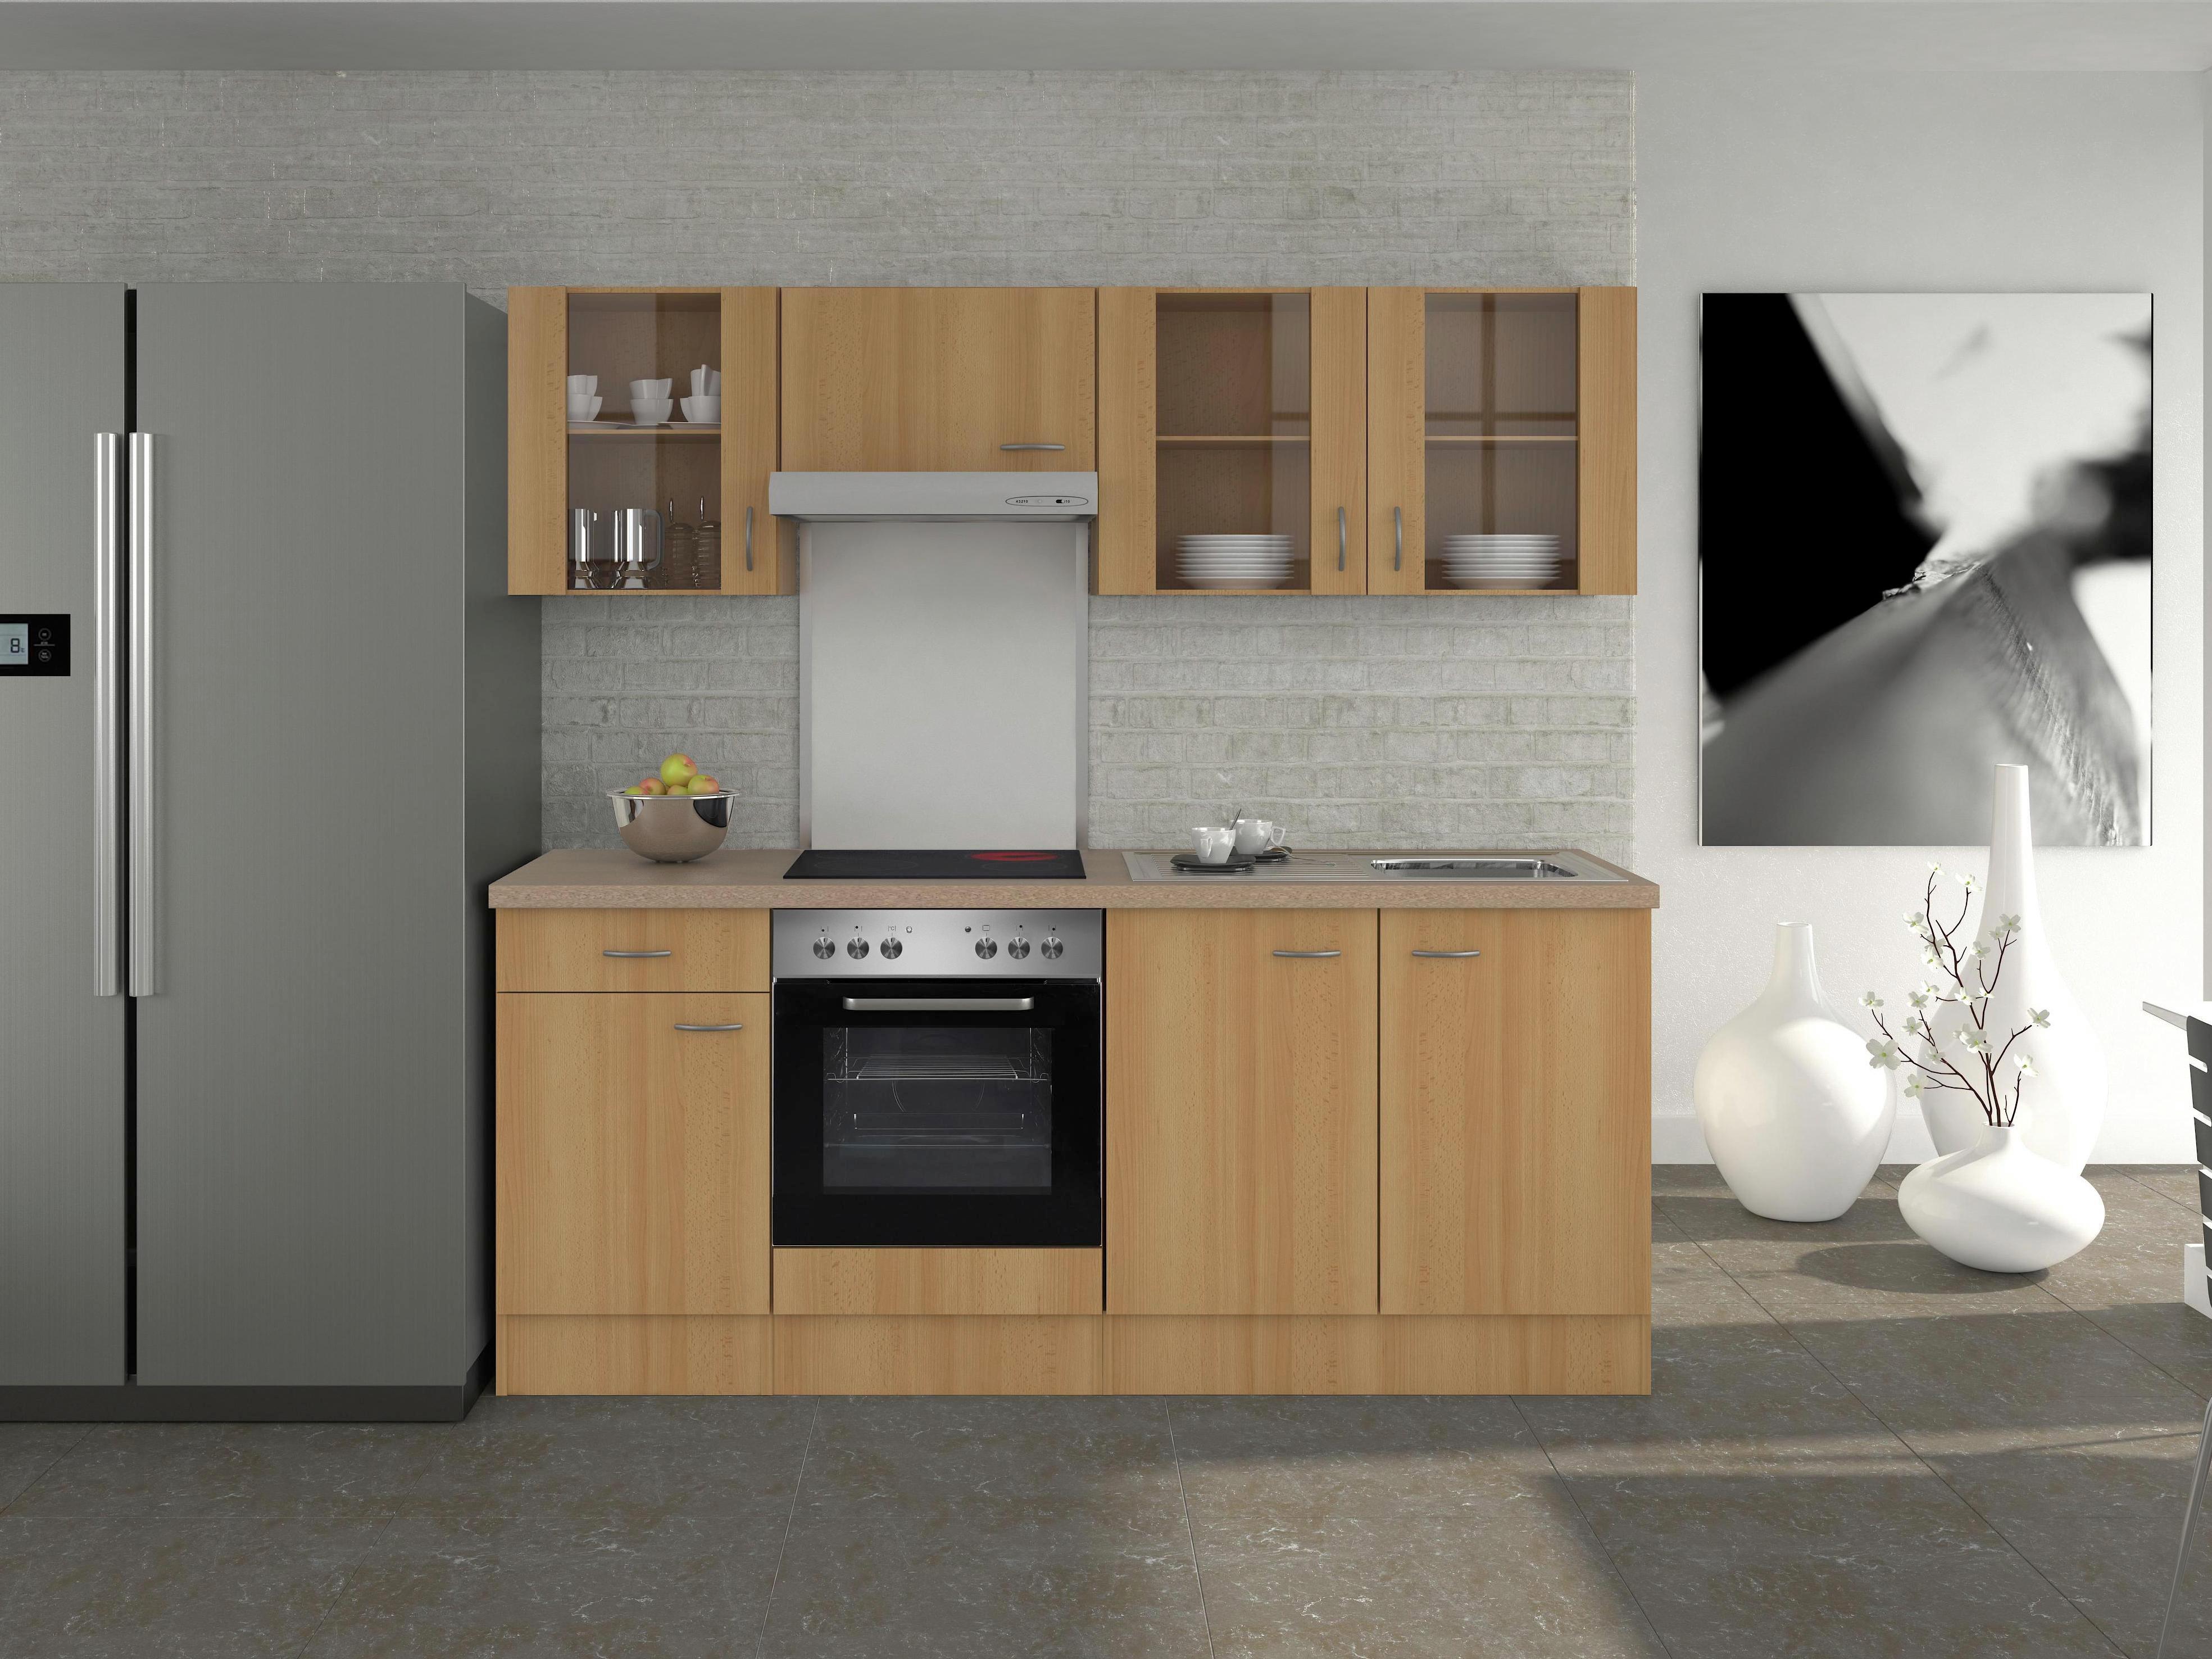 kchen zum kleinen preis die schnsten fliesen in holzoptik design zum kleinen preis zusammen mit. Black Bedroom Furniture Sets. Home Design Ideas